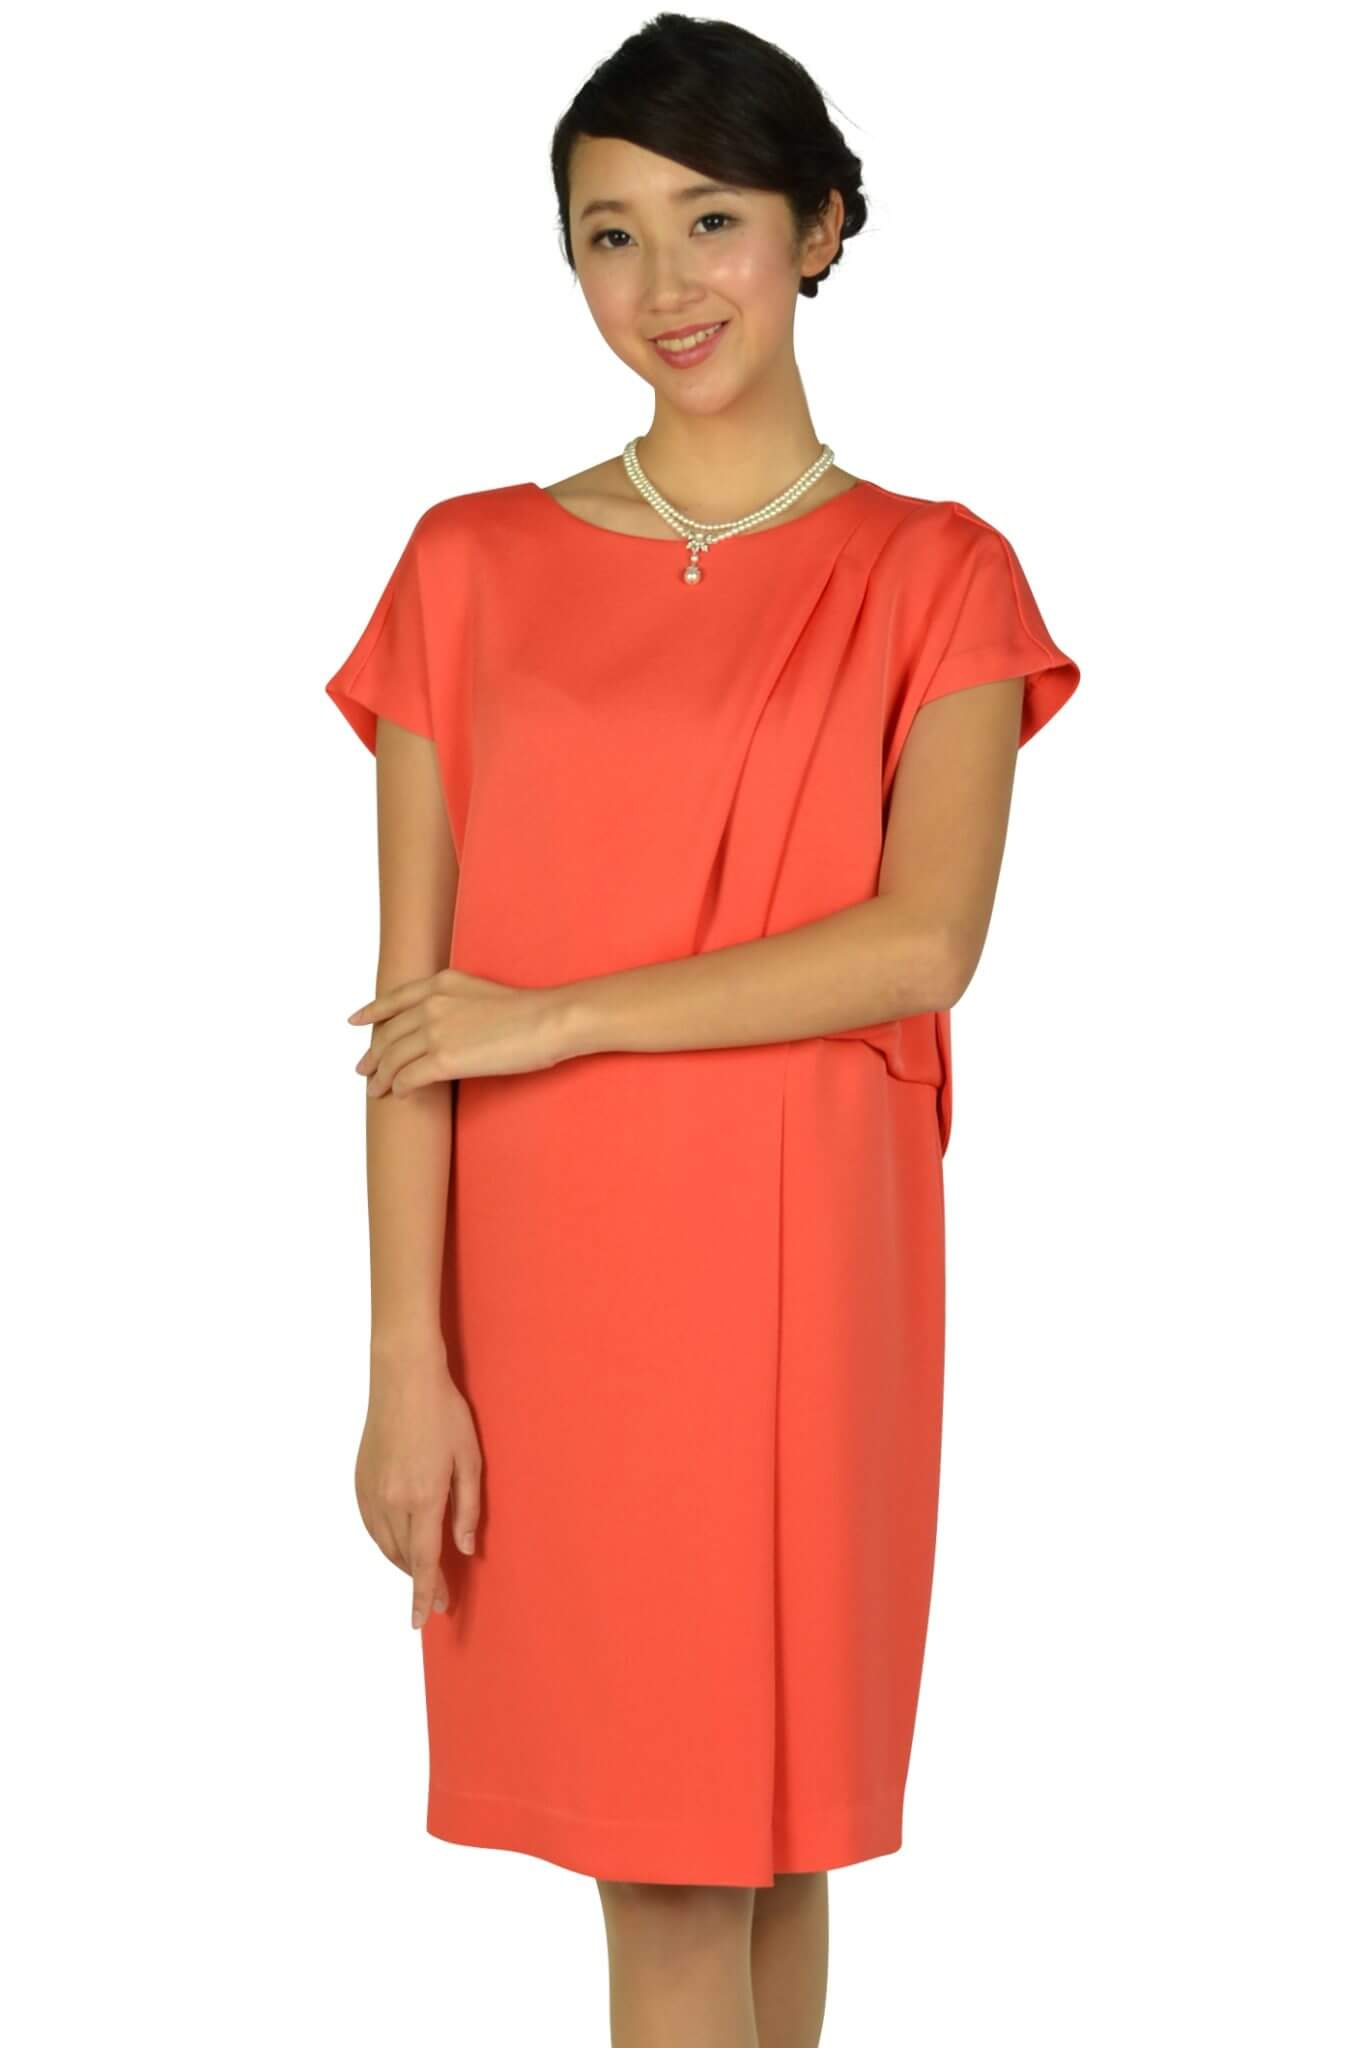 グレースクラス (GRACE CLASS)フレンチスリーブオレンジドレス